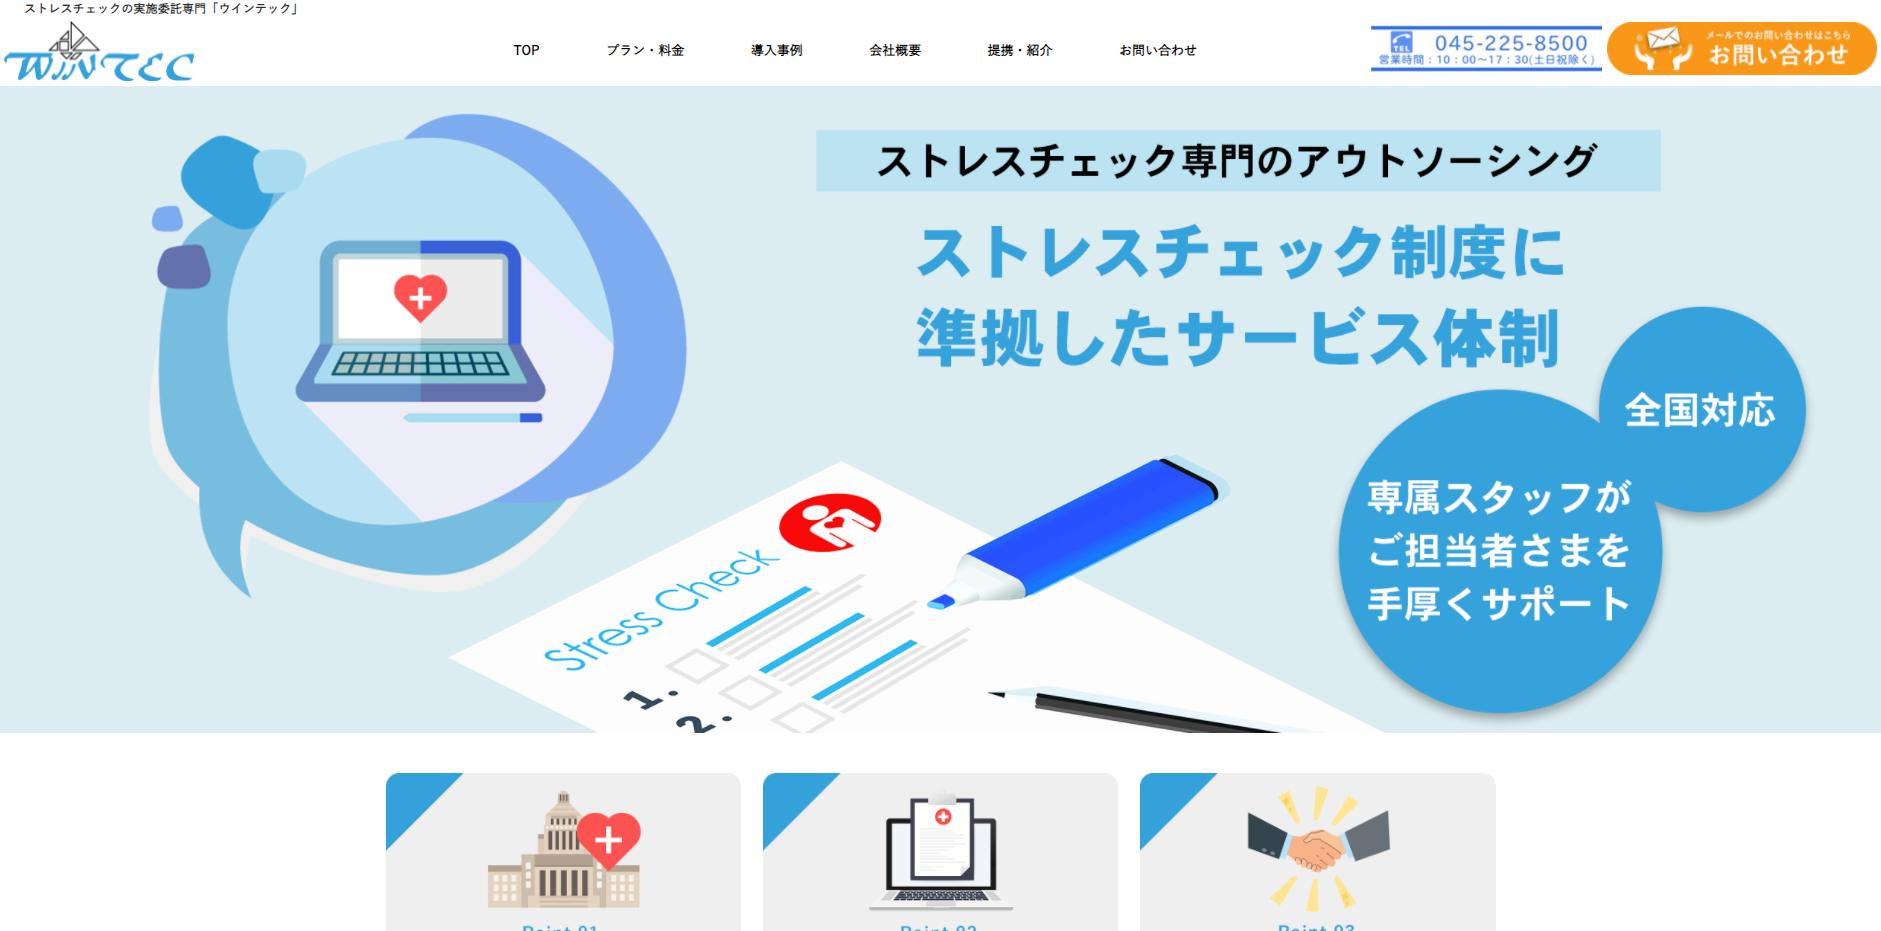 株式会社ウインテック公式ホームページ